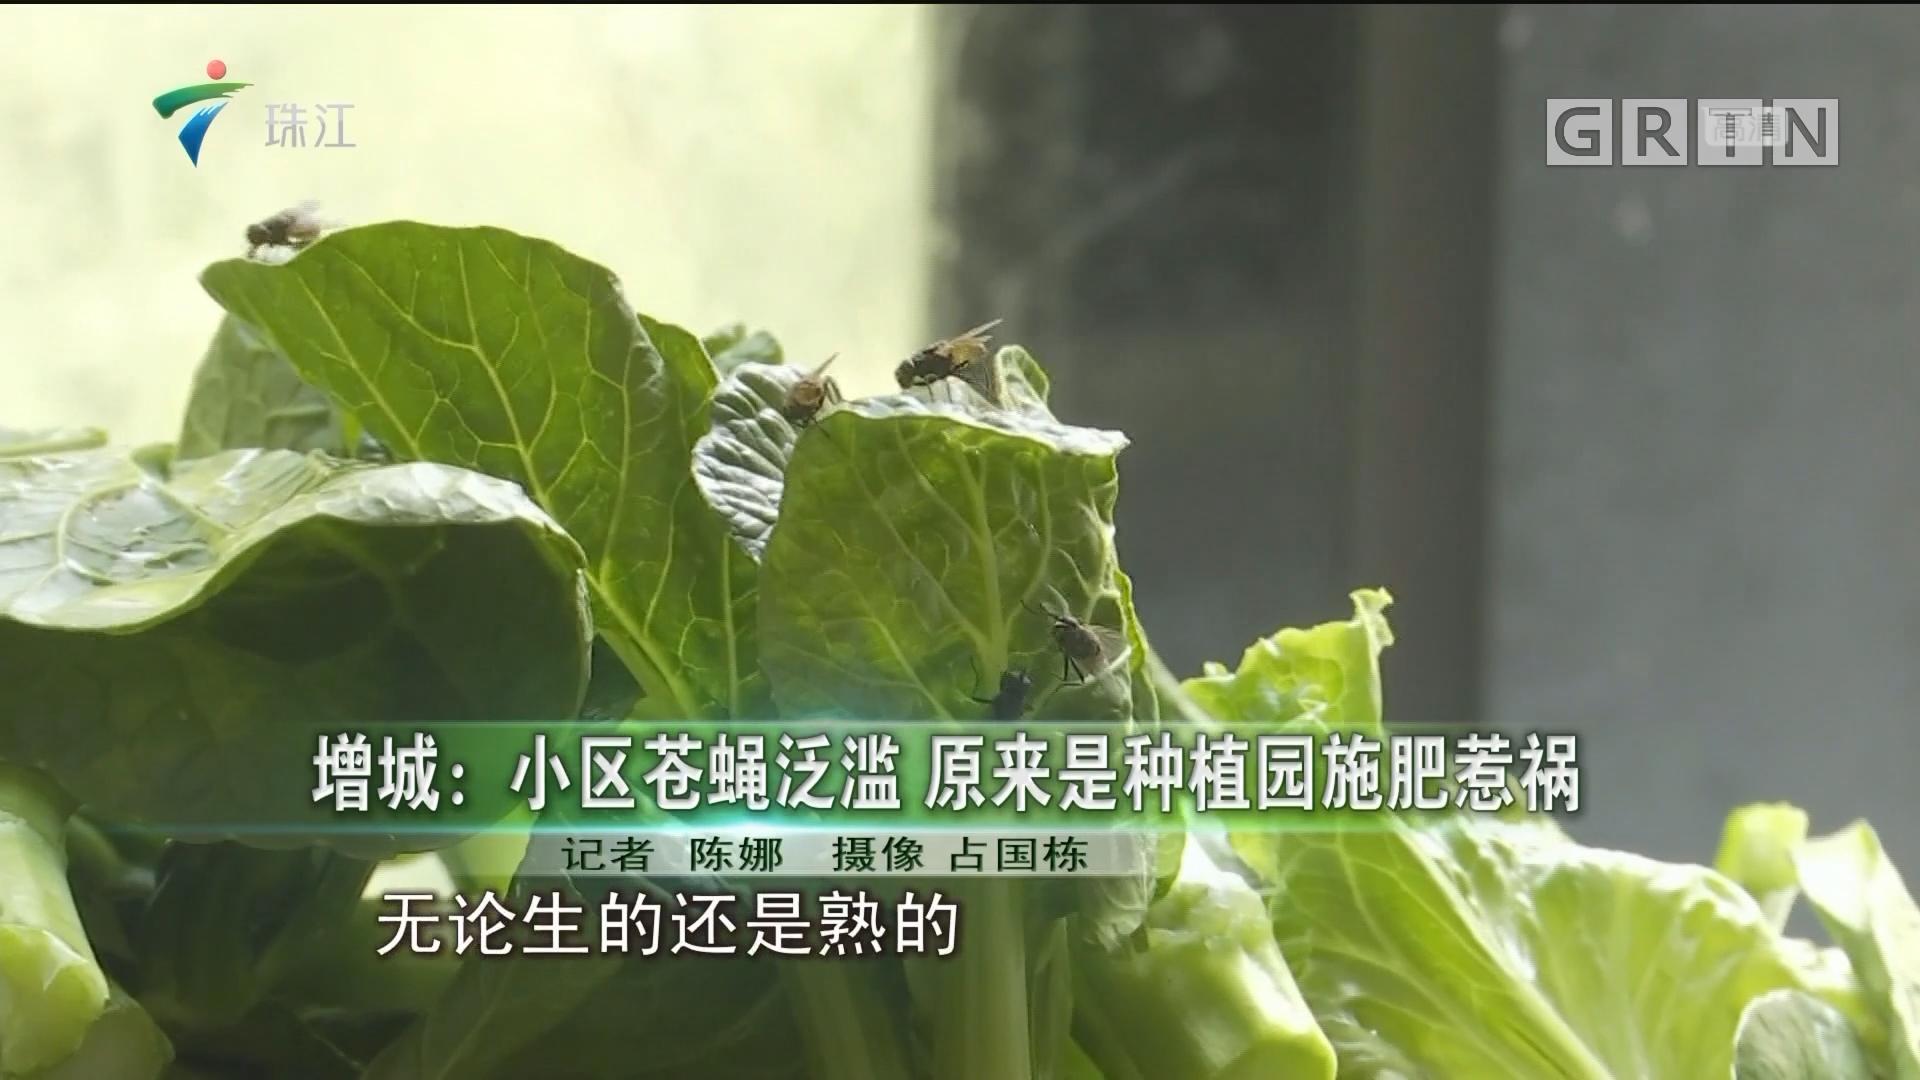 增城:小区苍蝇泛滥 原来是种植园施肥惹祸